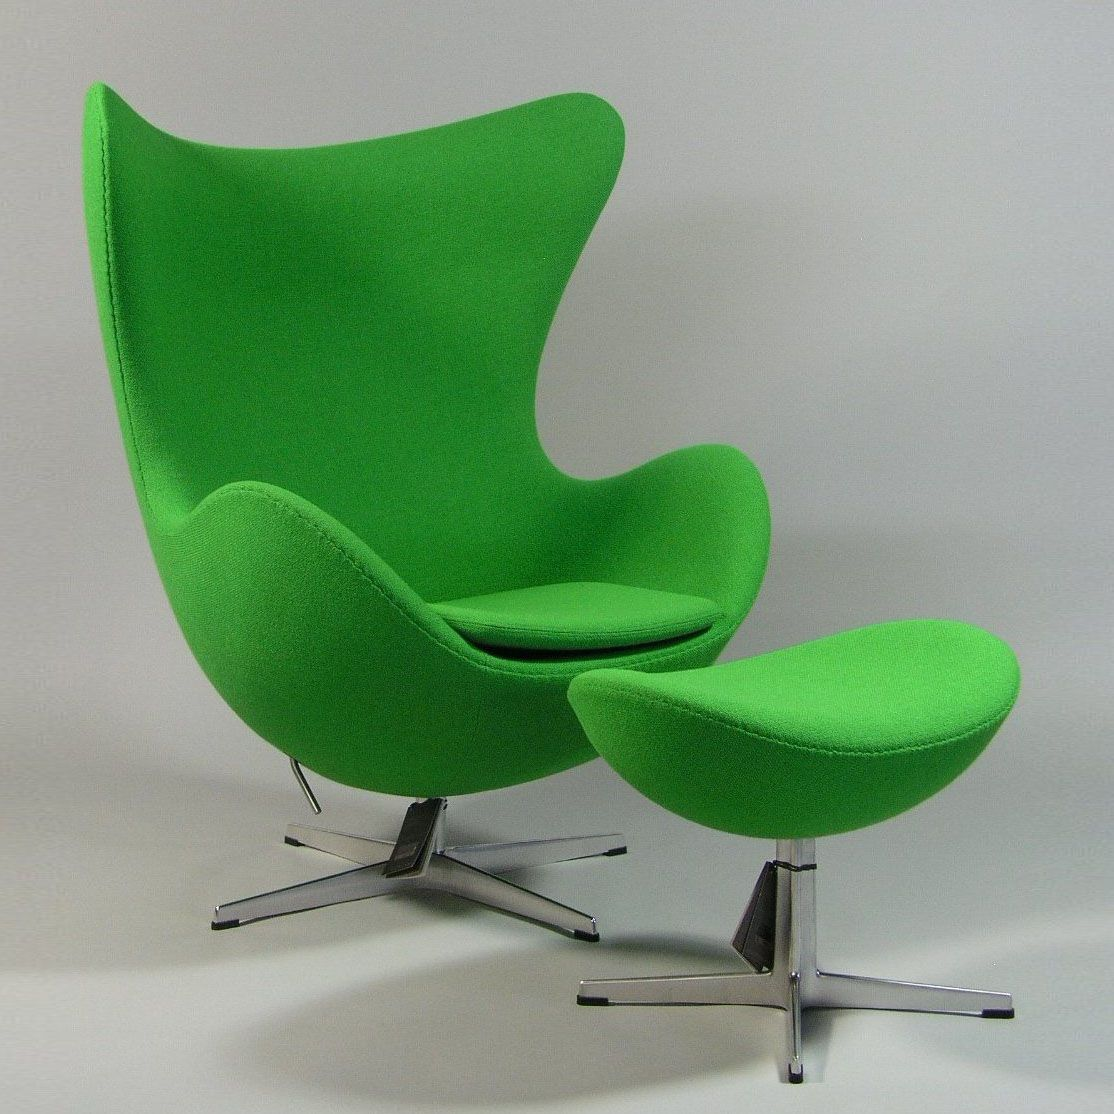 Egg Chair Roze.Arne Jacobsen S Egg Chair Produced By Fritz Hansen Upholstered